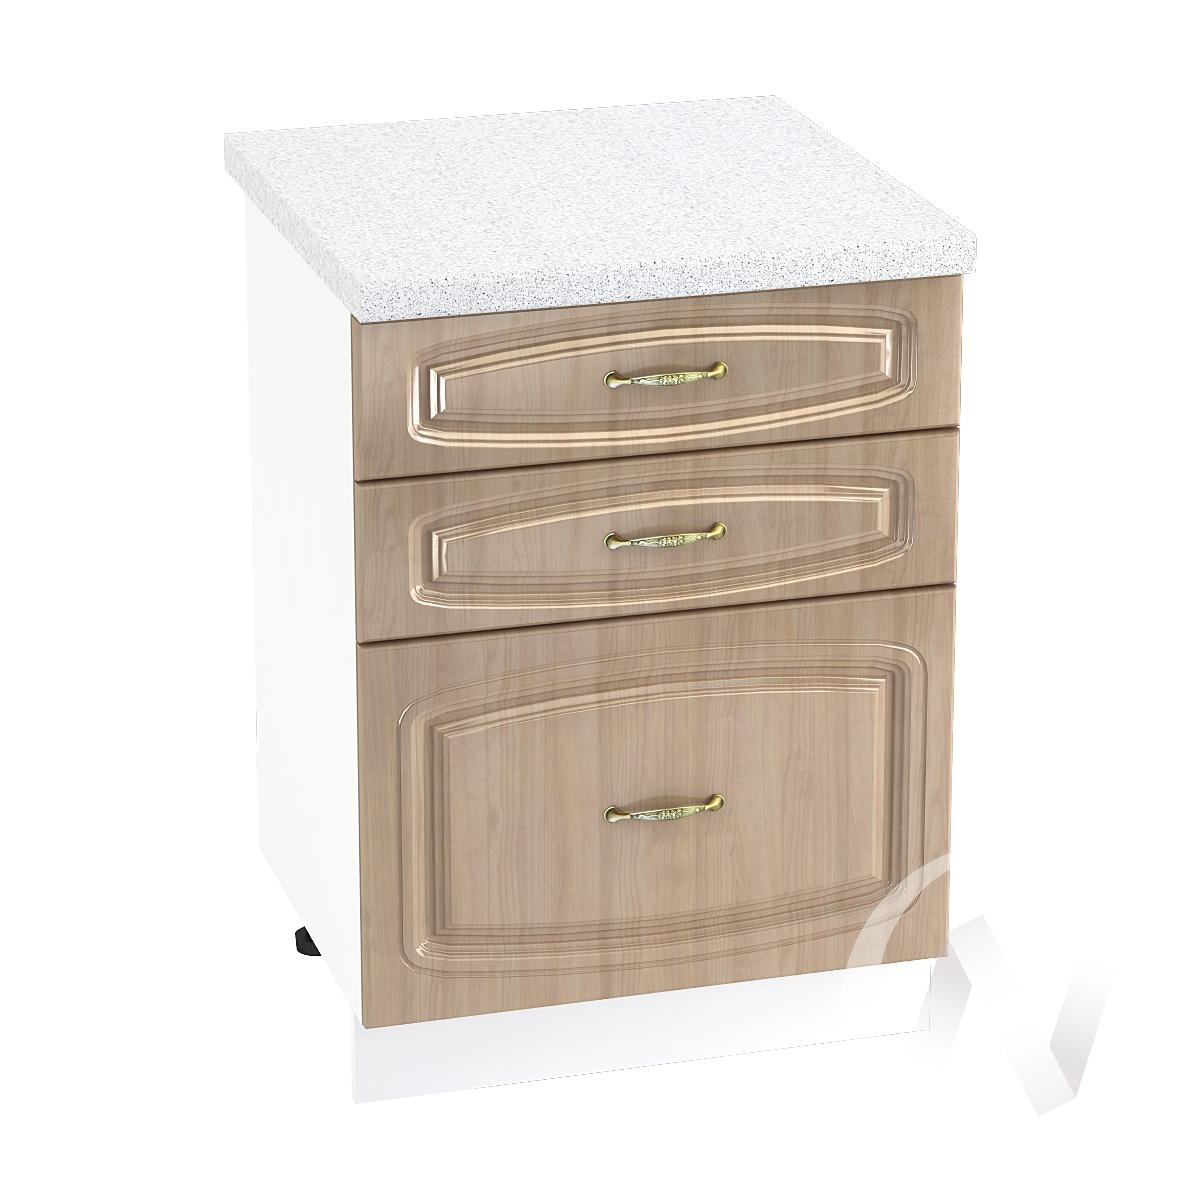 """Кухня """"Сити"""": Шкаф нижний с 3-мя ящиками 500, ШН3Я 500 (корпус белый)"""